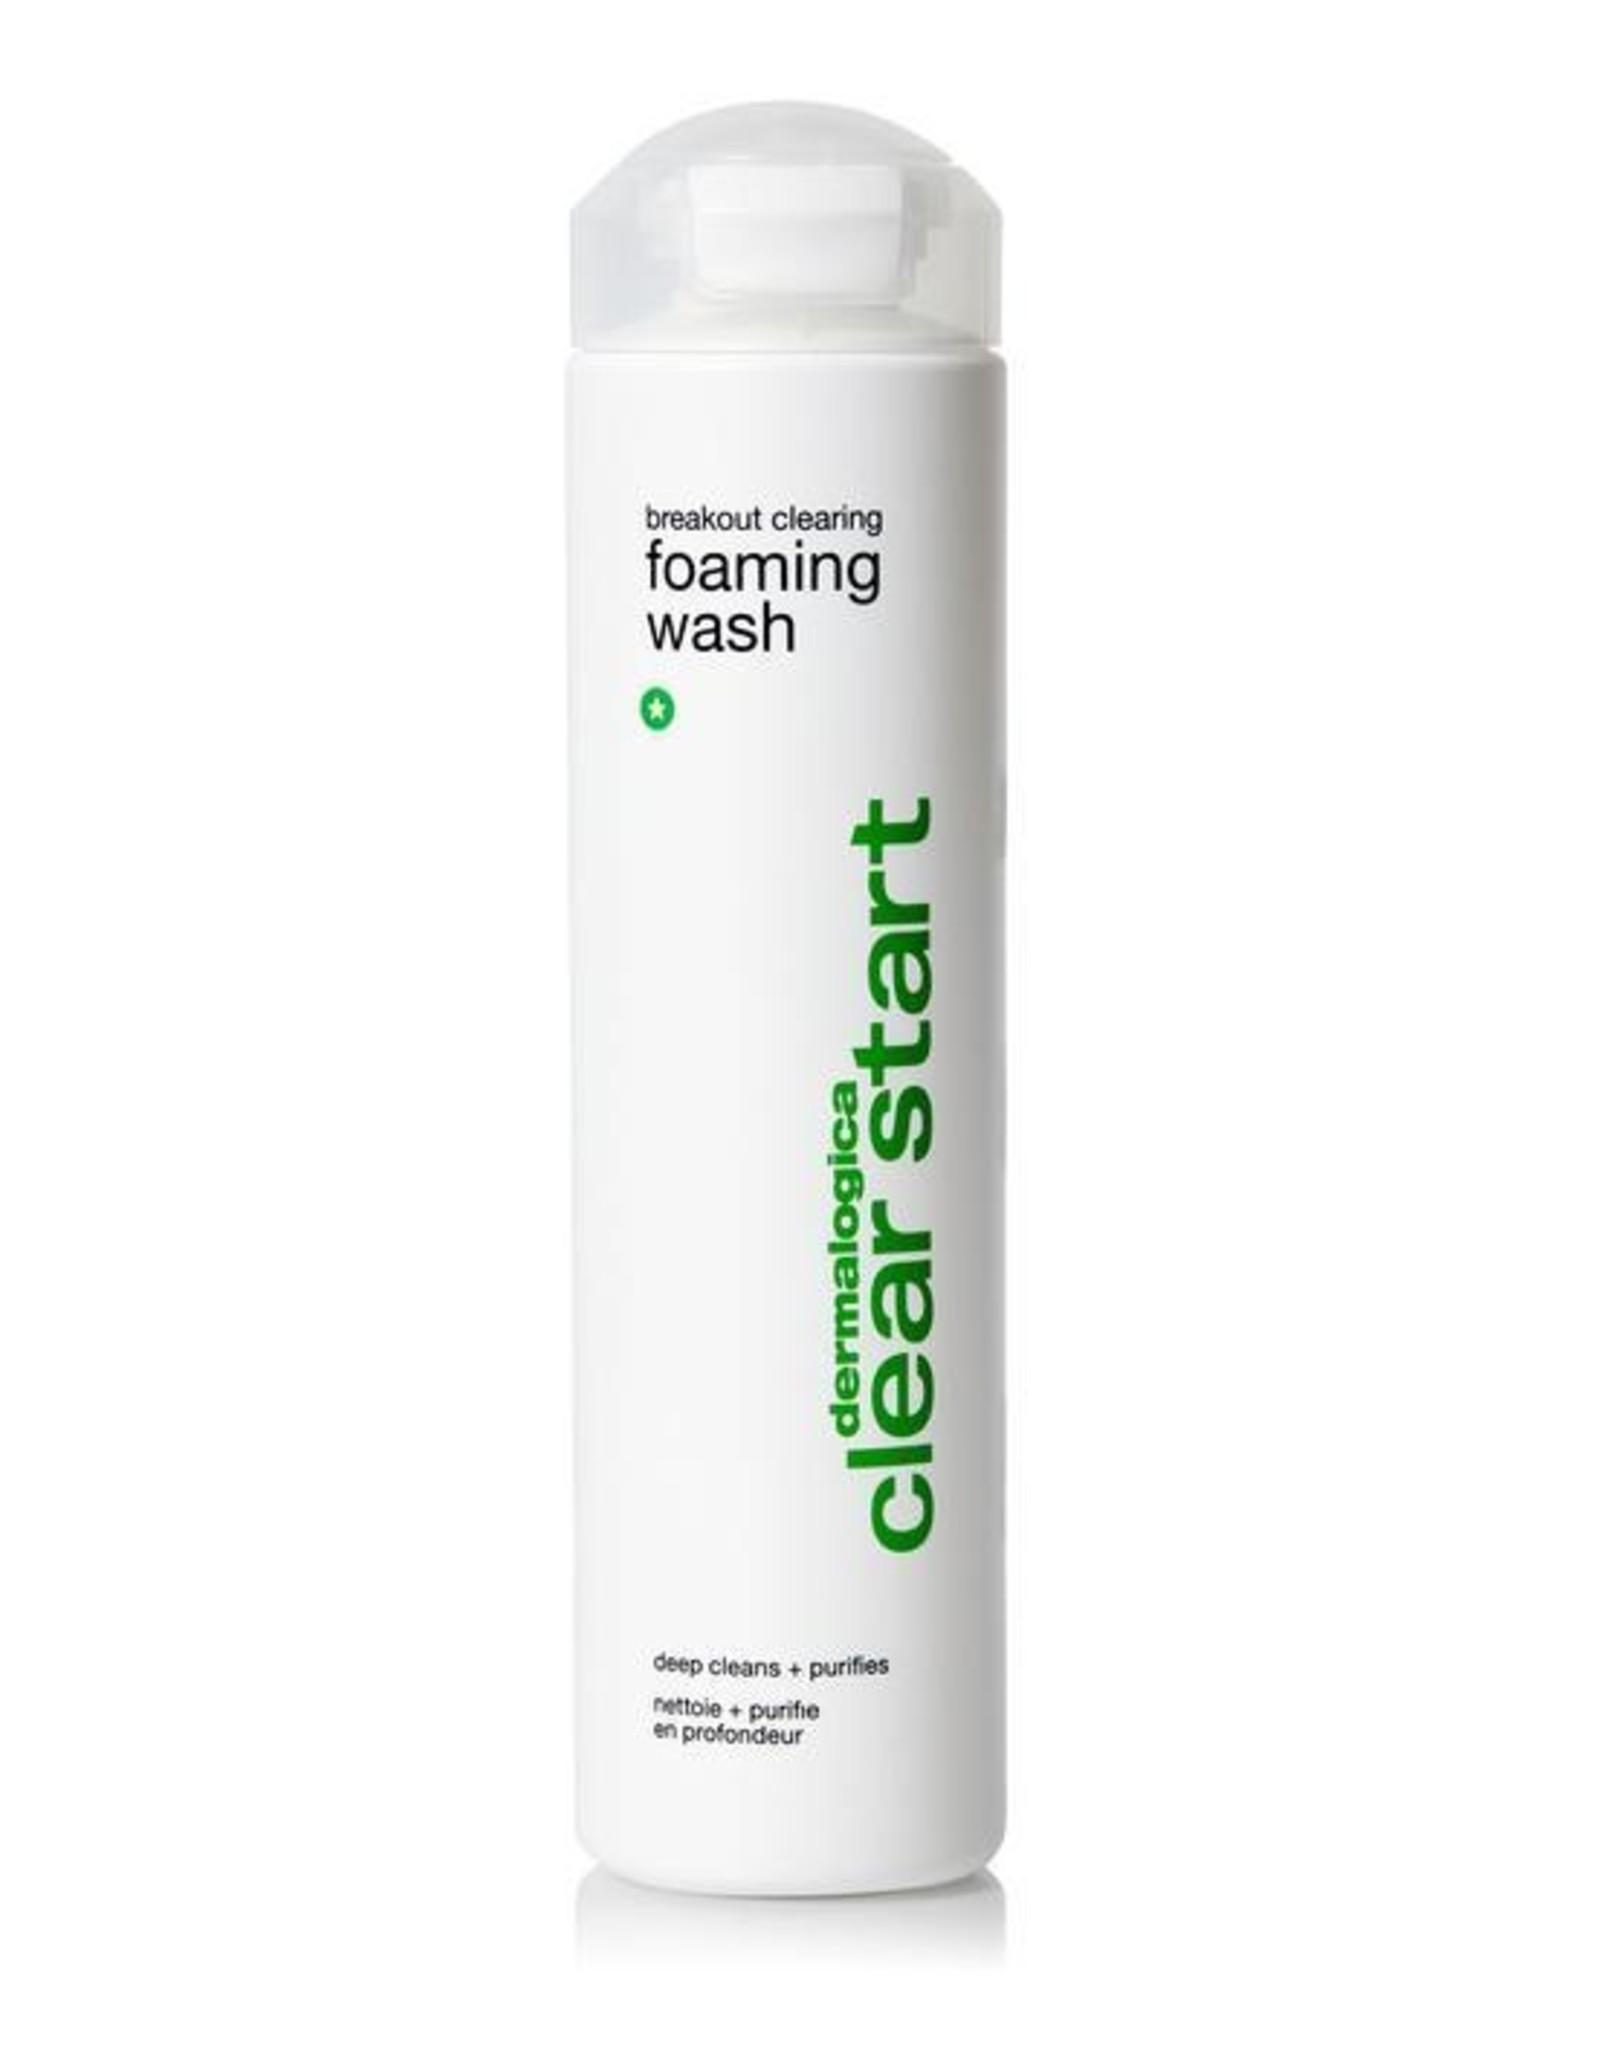 Dermalogica Clear Start - Breakout Clearing Foaming Wash 295ml - Dermalogica